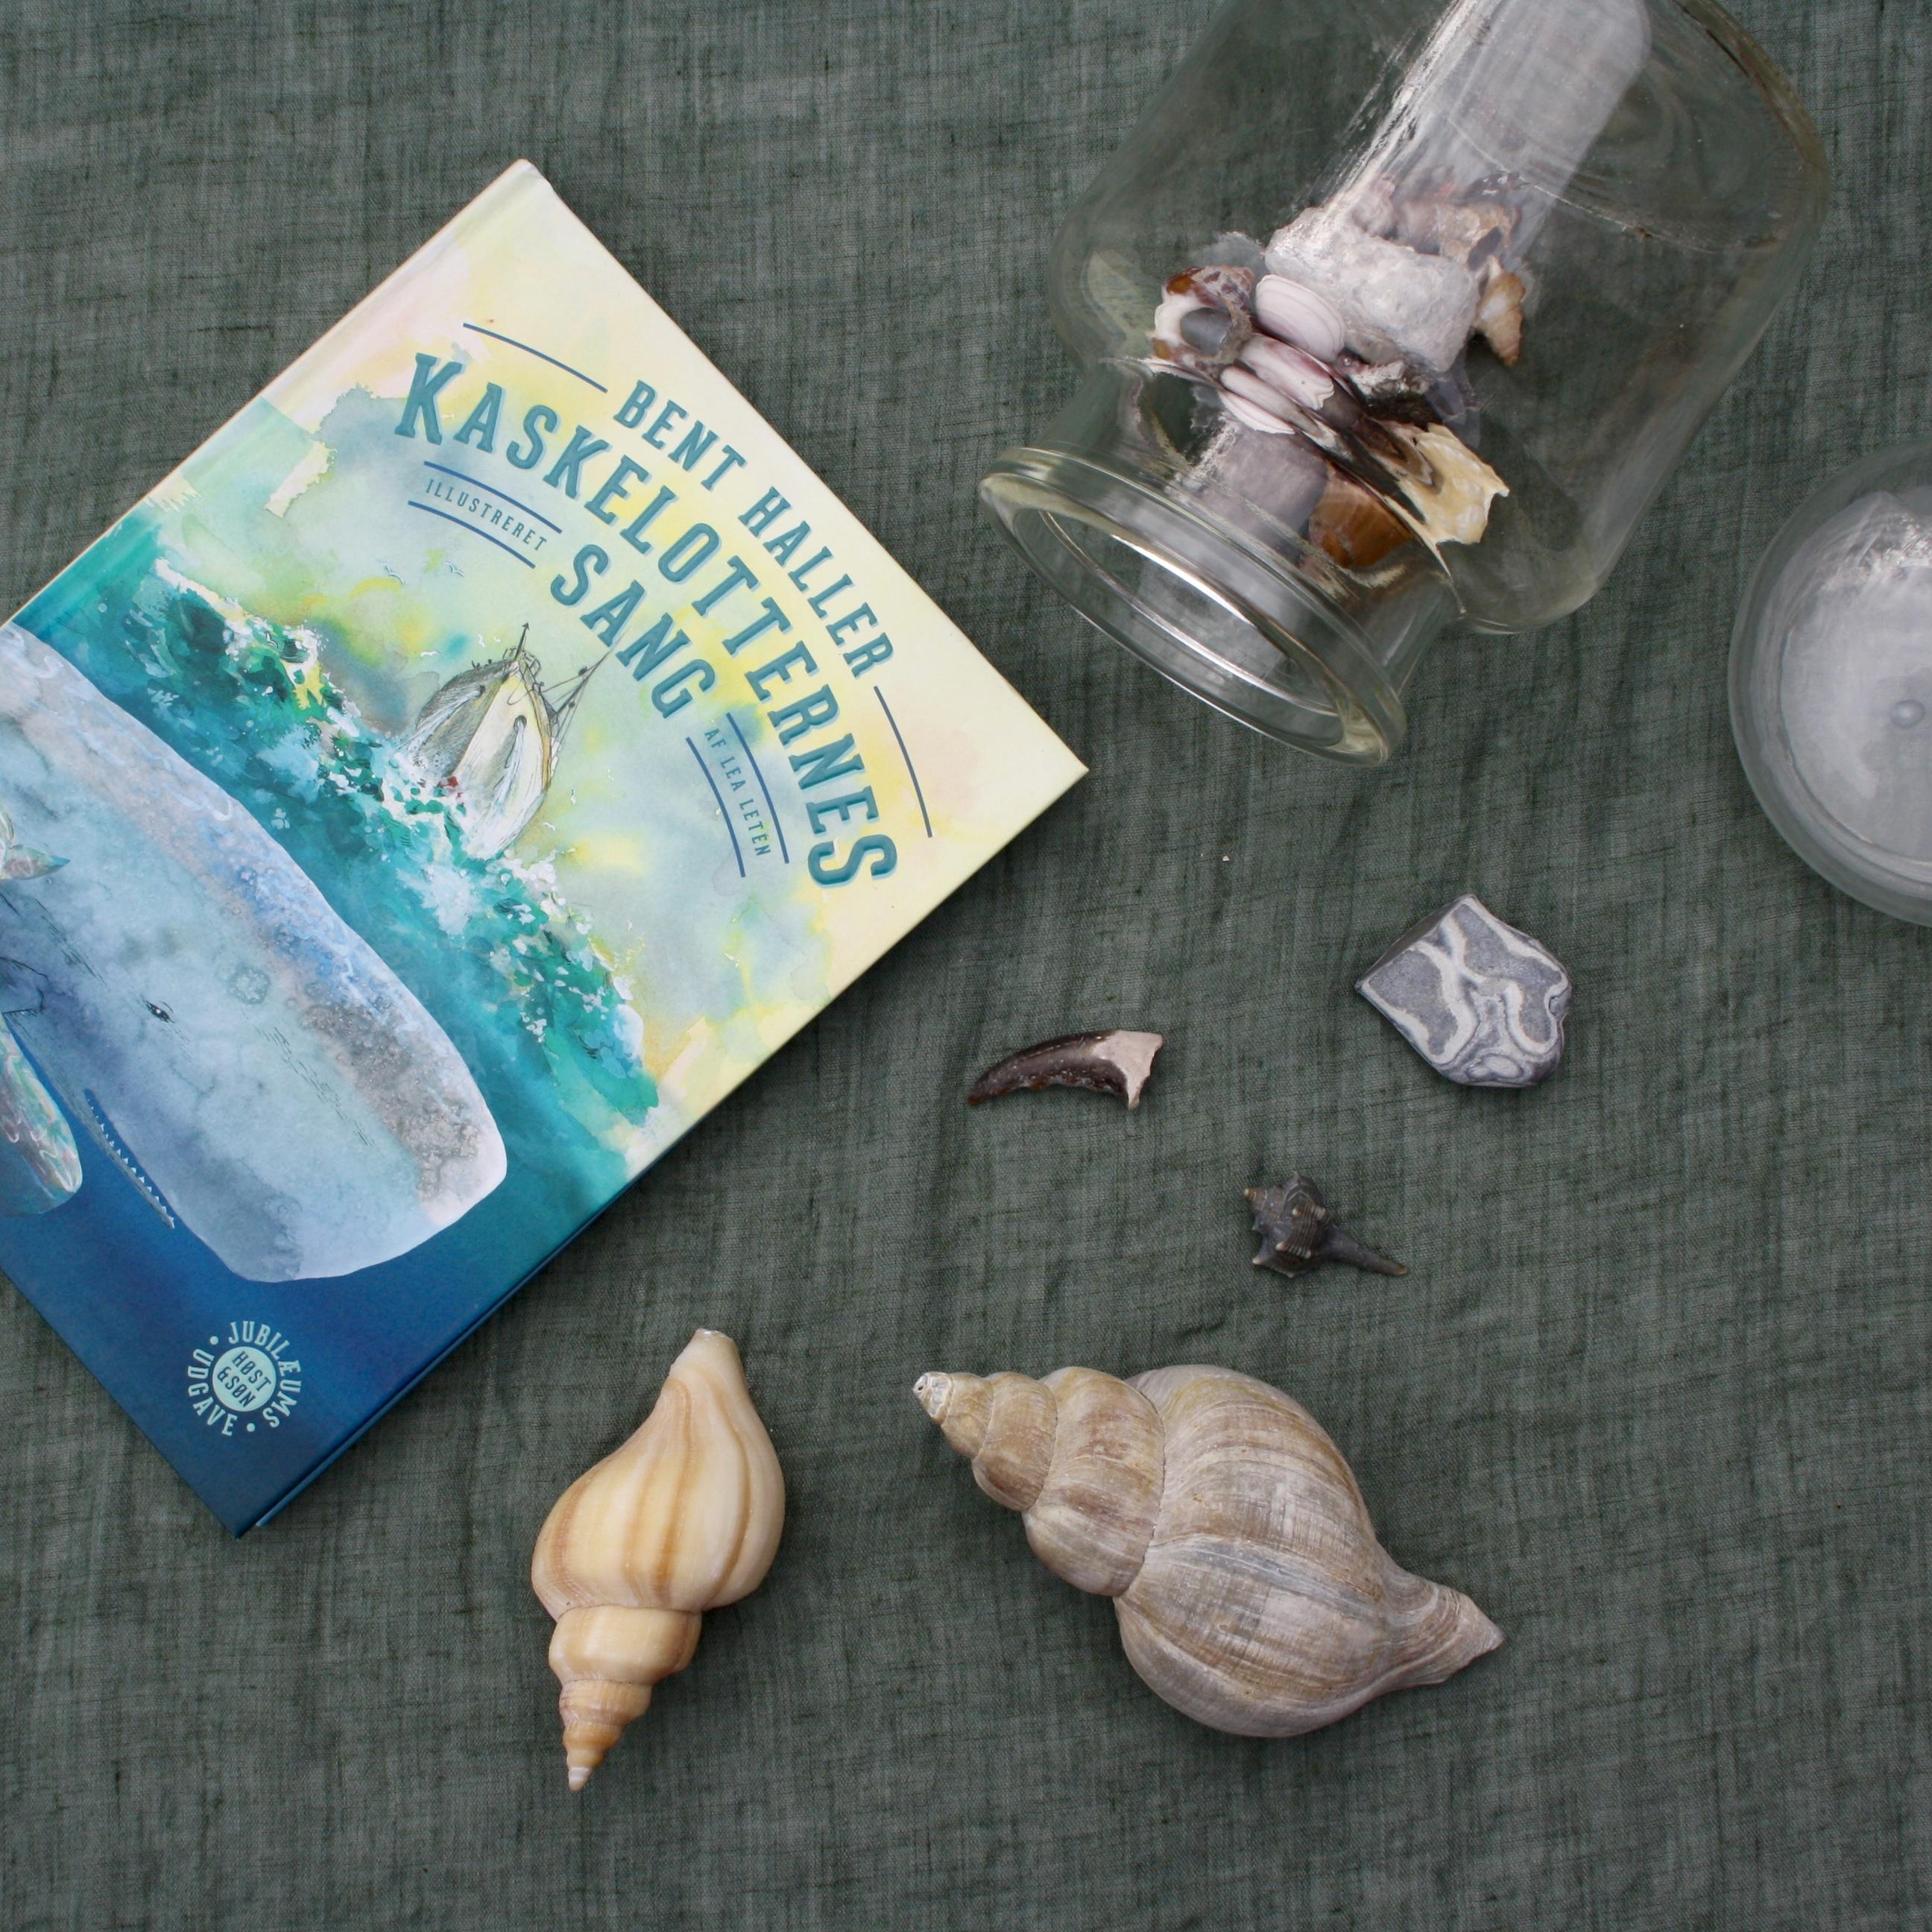 Kaskelotternes sang, Bent Haller, Lea Letén, bogoplevelsen